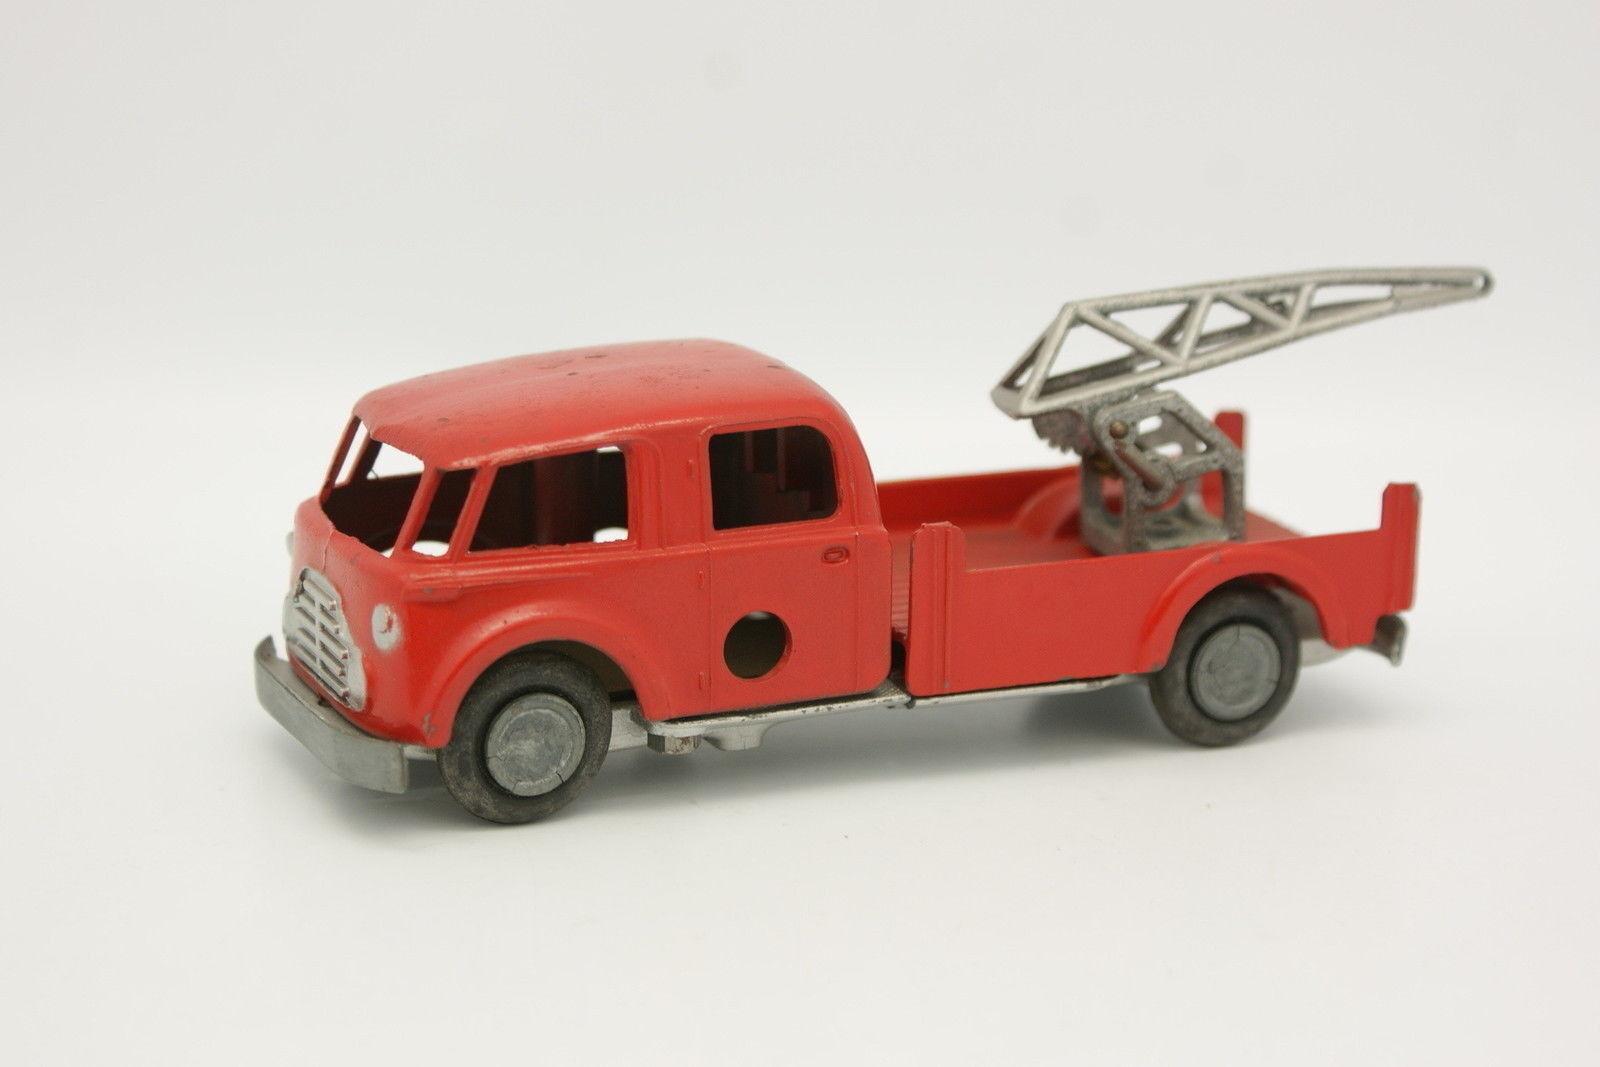 Solido Démontable  - Camion de Pompiers Voiture de secours secours secours Avec Treuil 331fd0